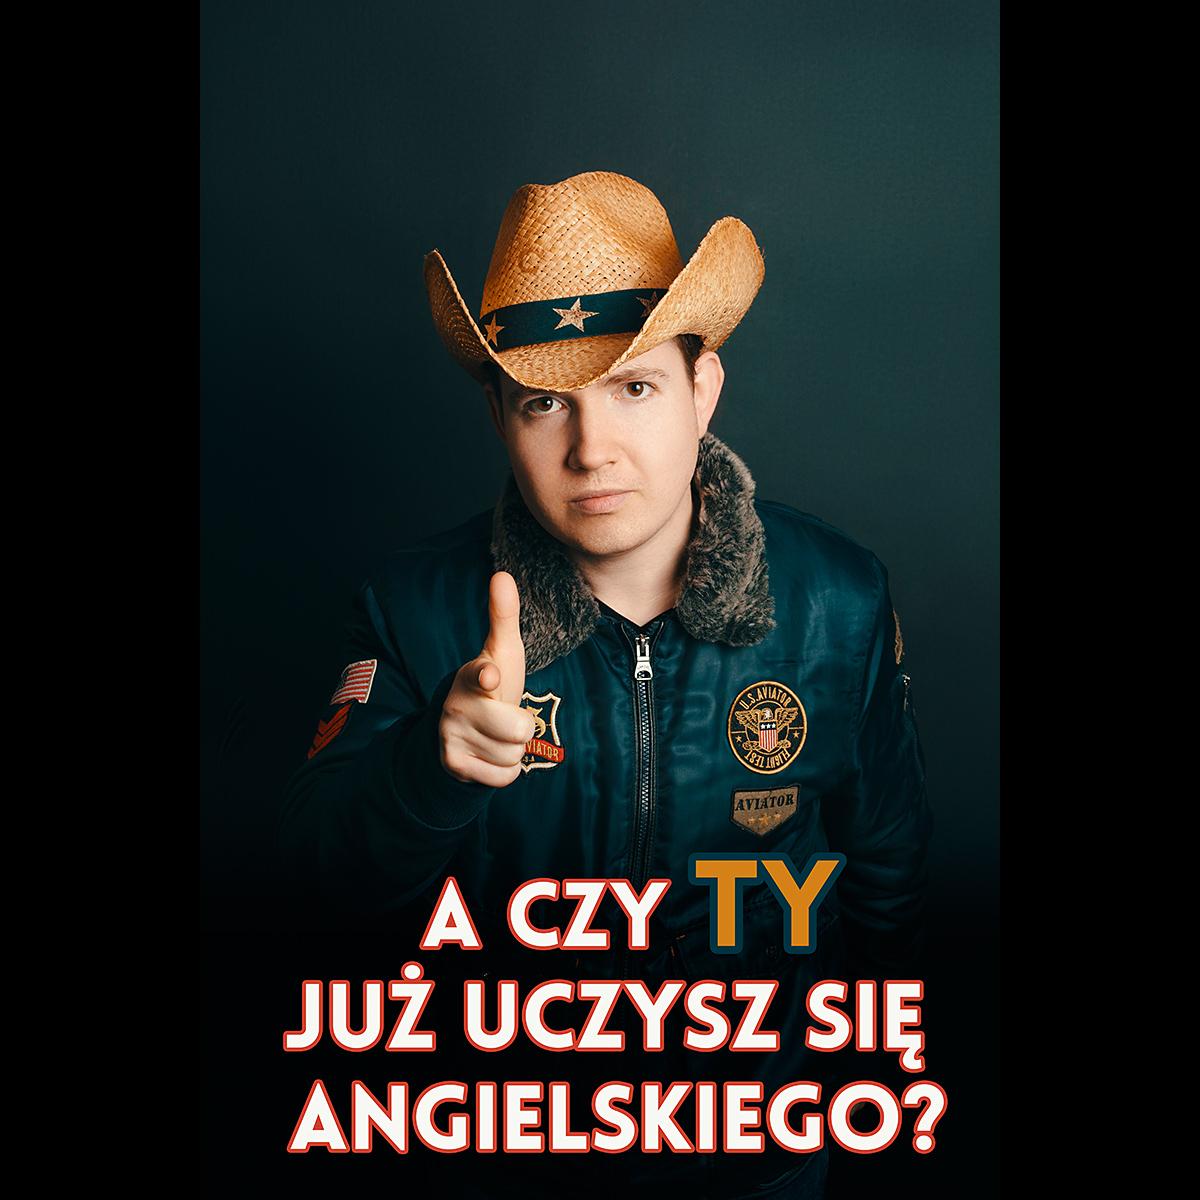 Łukasz Liszko - fotografia biznesowa - wizerunkowa - Słowne Rodeo Jakub Liszko